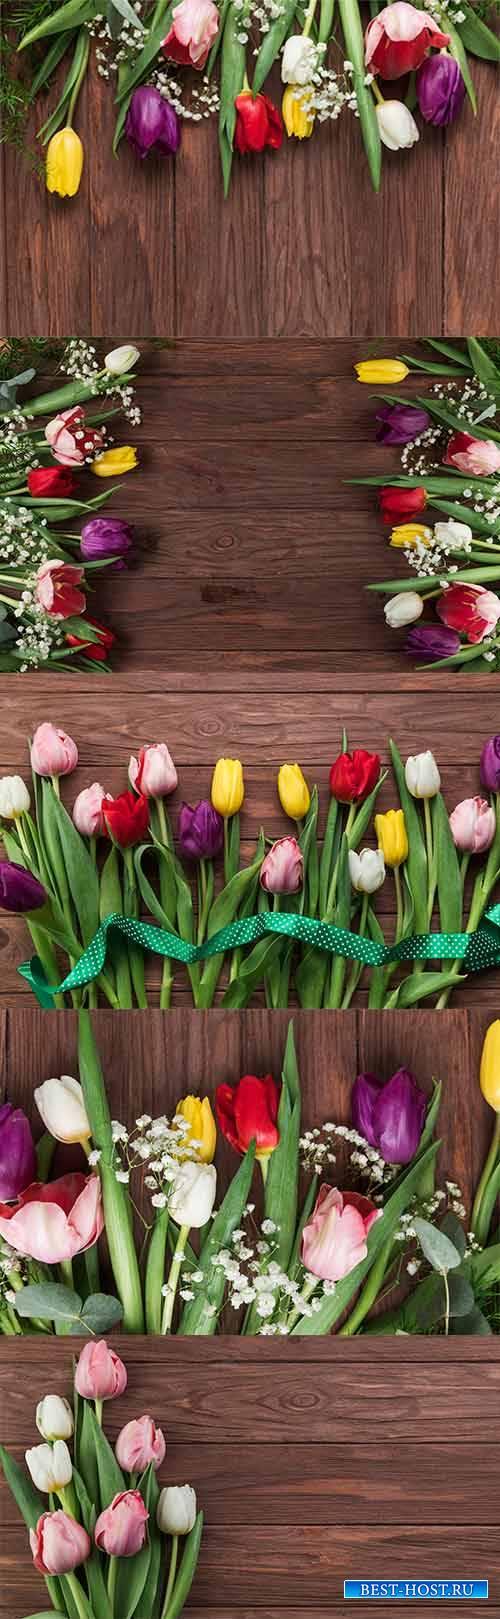 Фоны с красивыми тюльпанами - Растровый клипарт / Backgrounds with beautiful tulips - Raster clipart